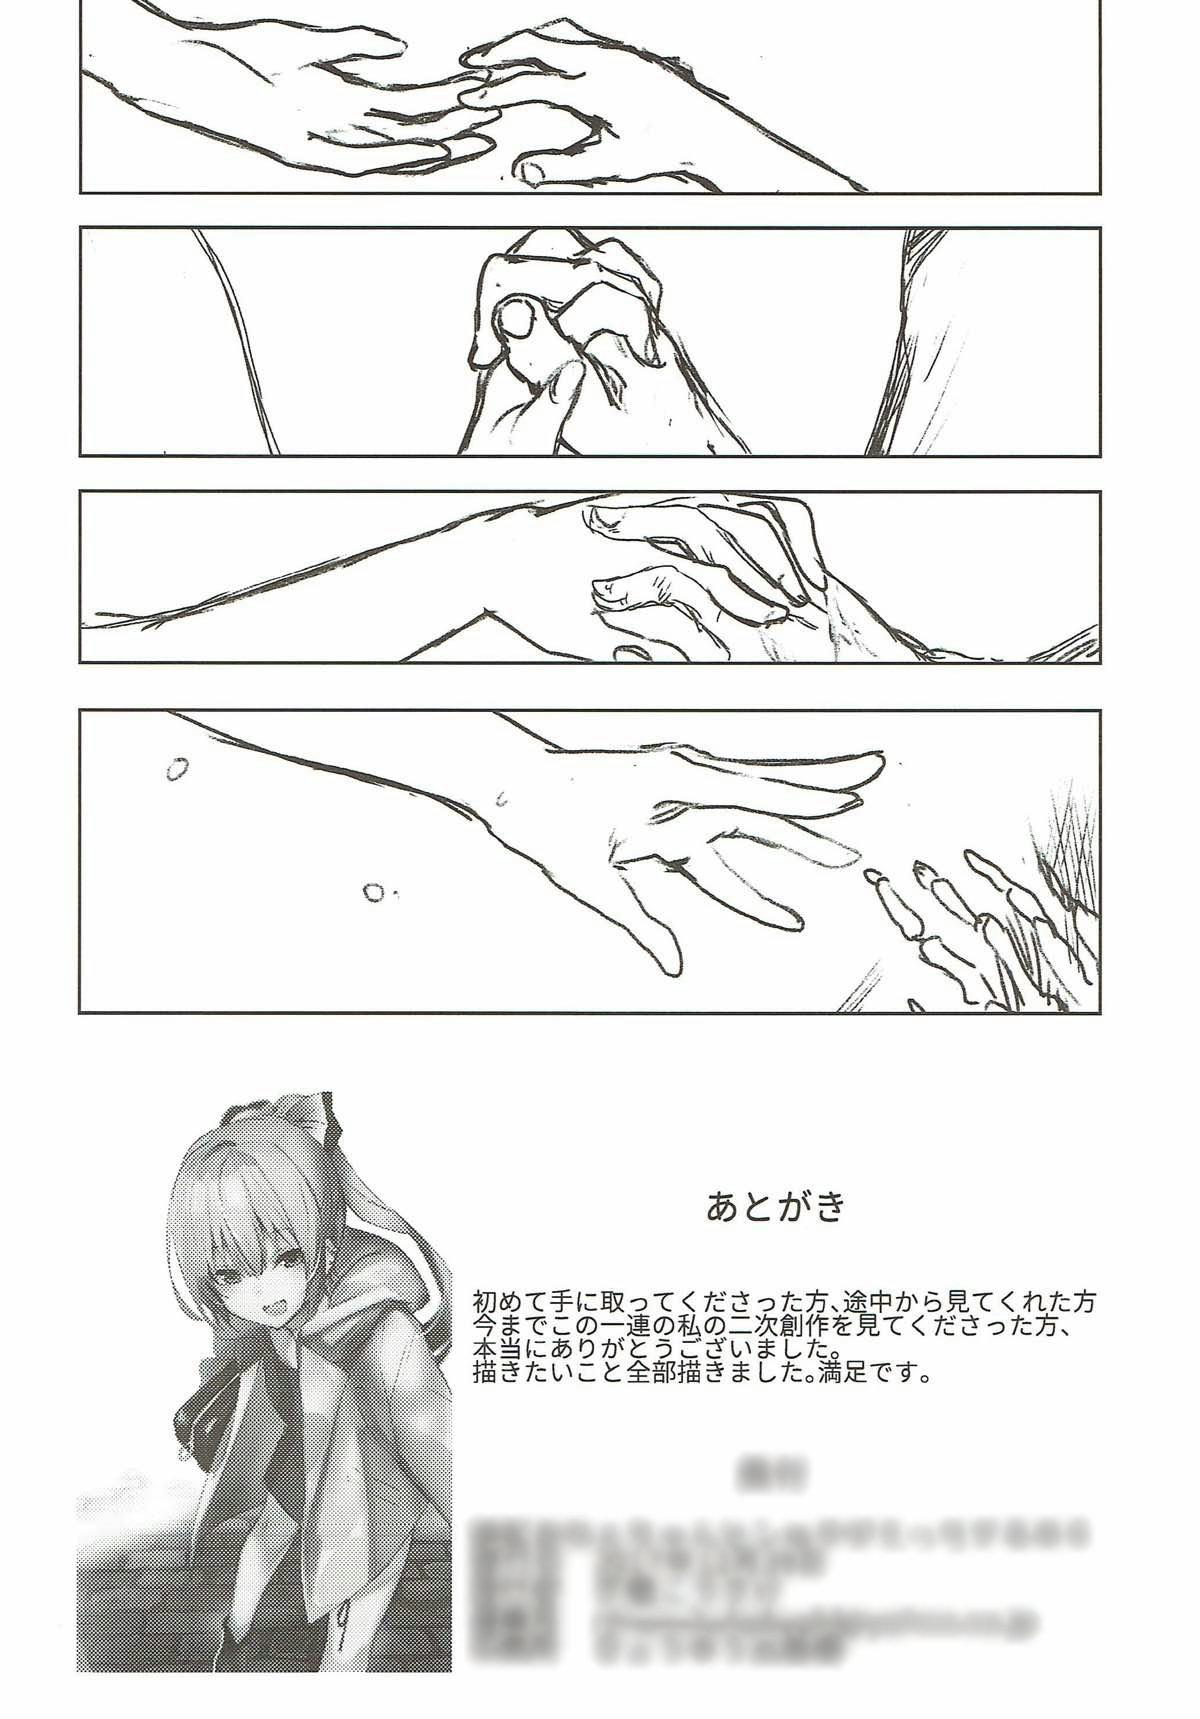 【東方 エロ漫画・エロ同人】妹紅がショタとよしよしおねショタセックスwwwwwwwwwwww (17)